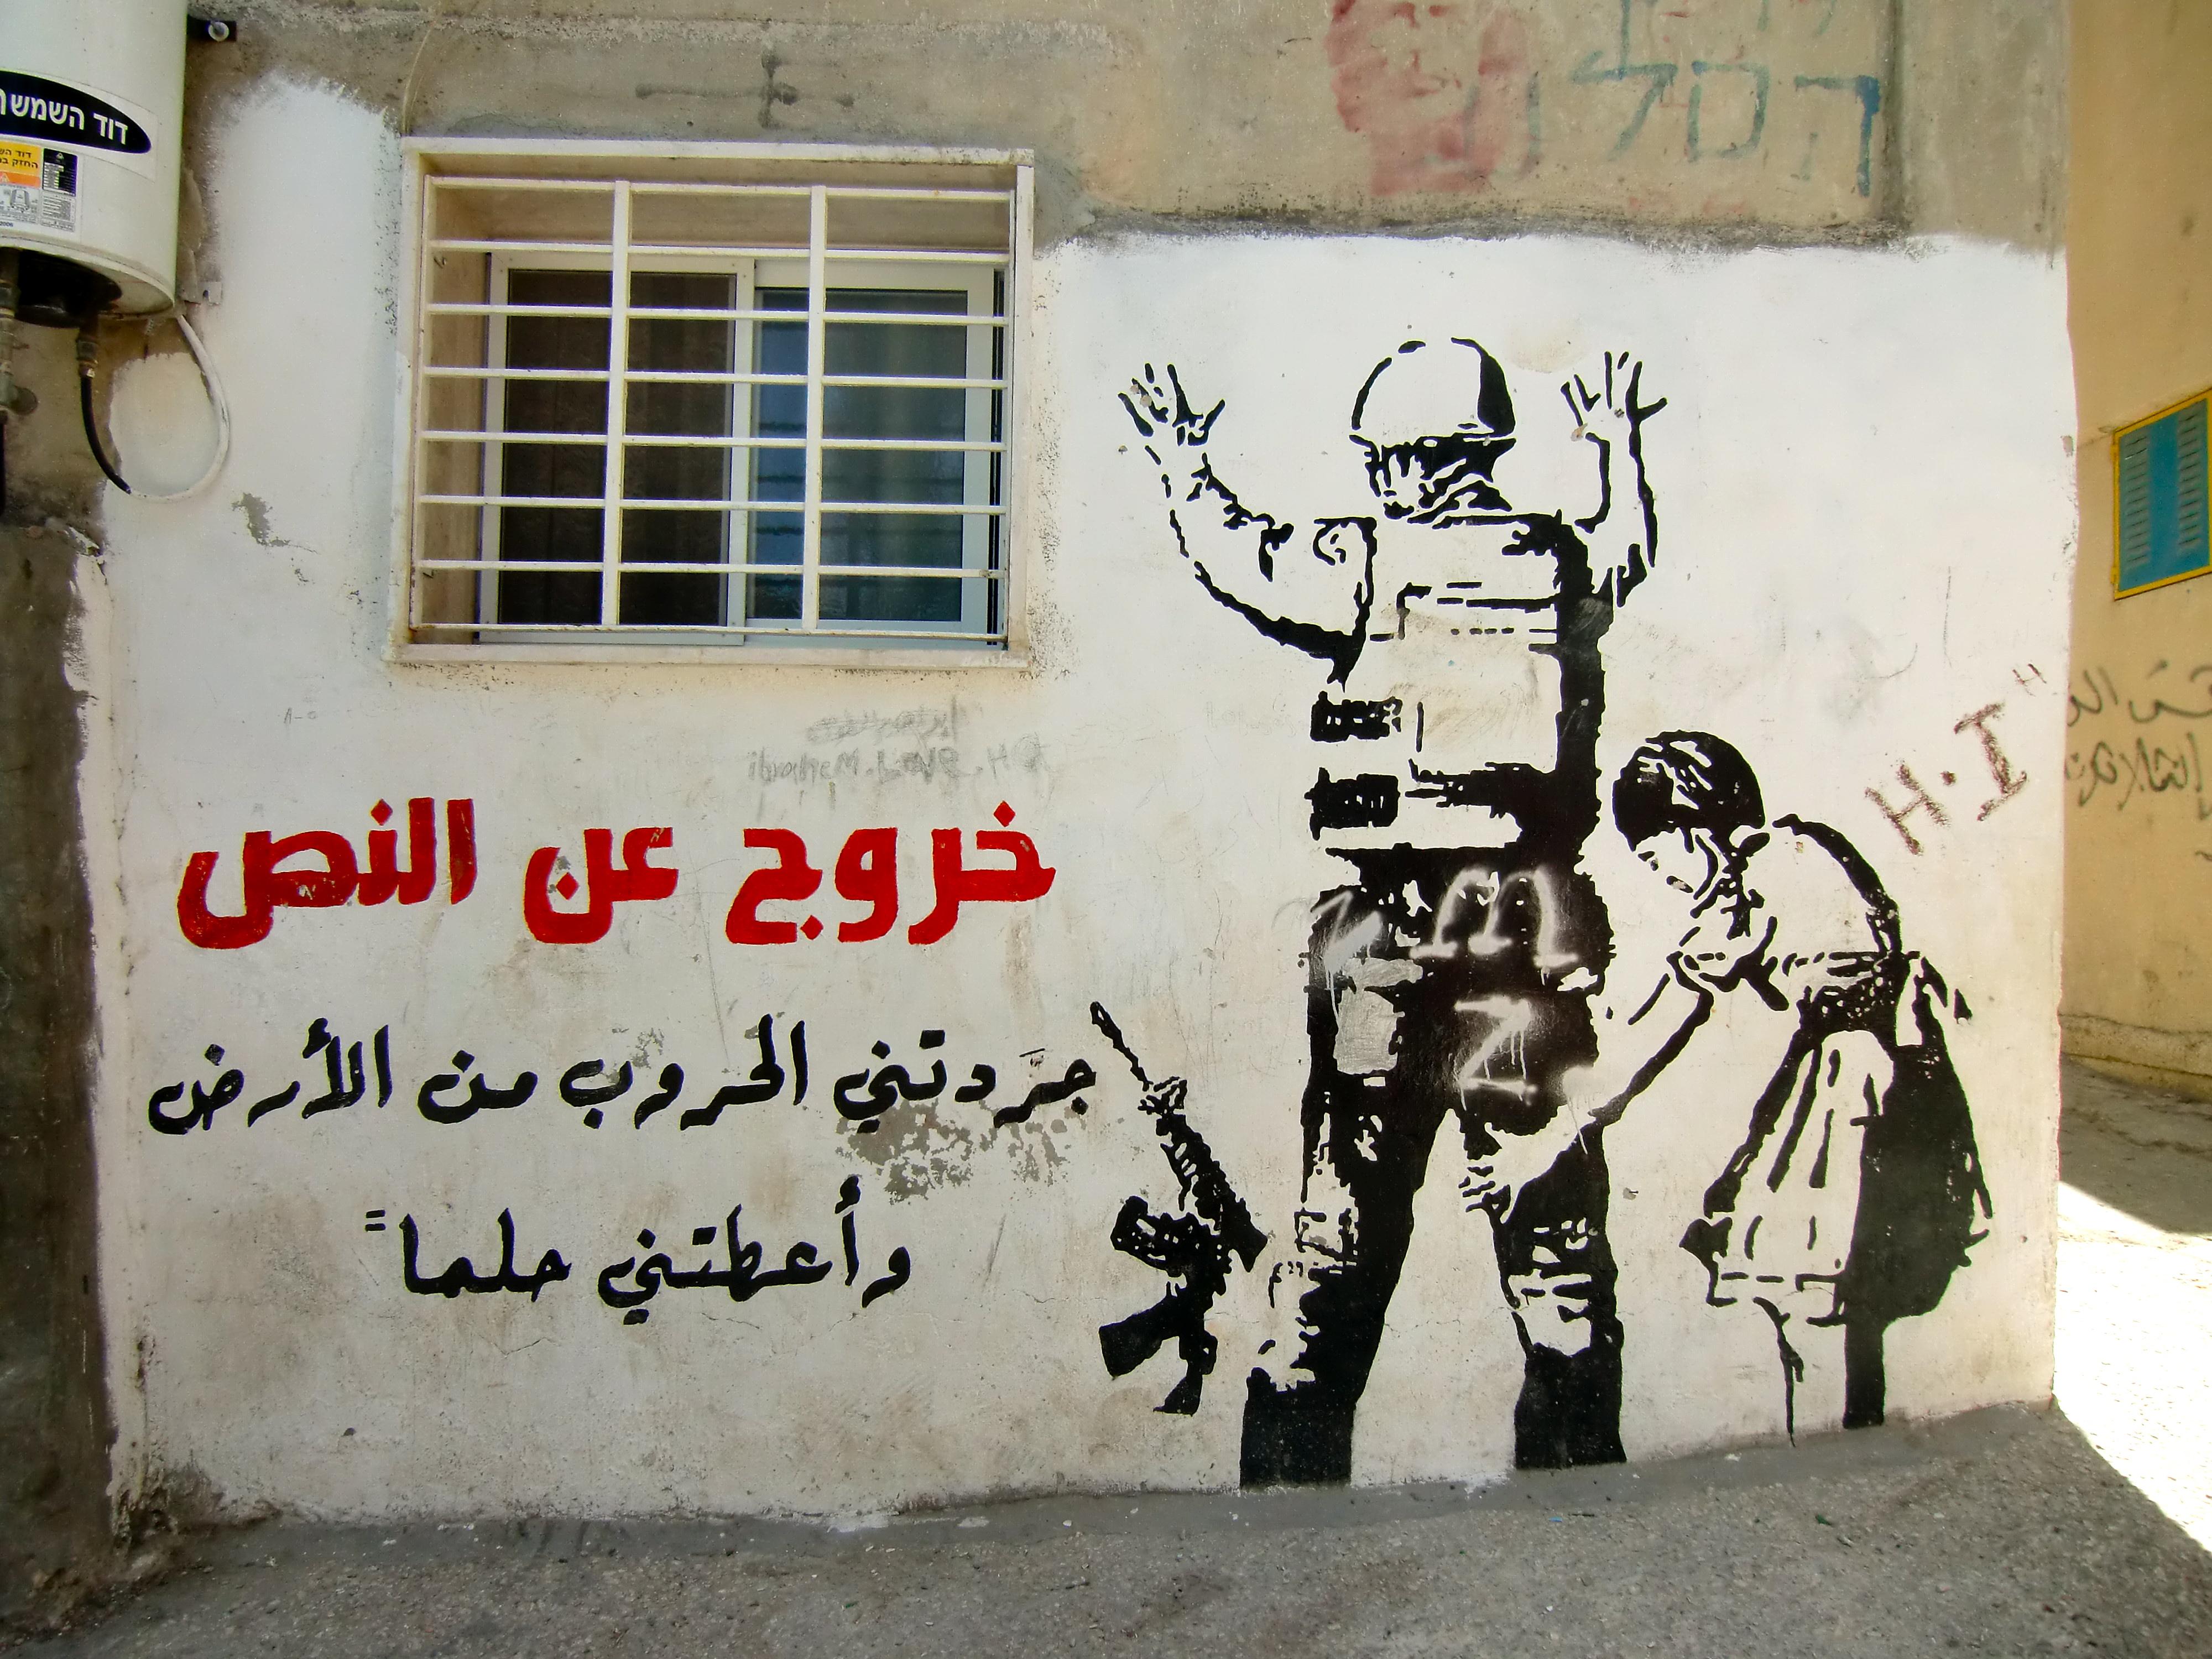 Risultati immagini per murales a Dheisheh refugee camp immagini